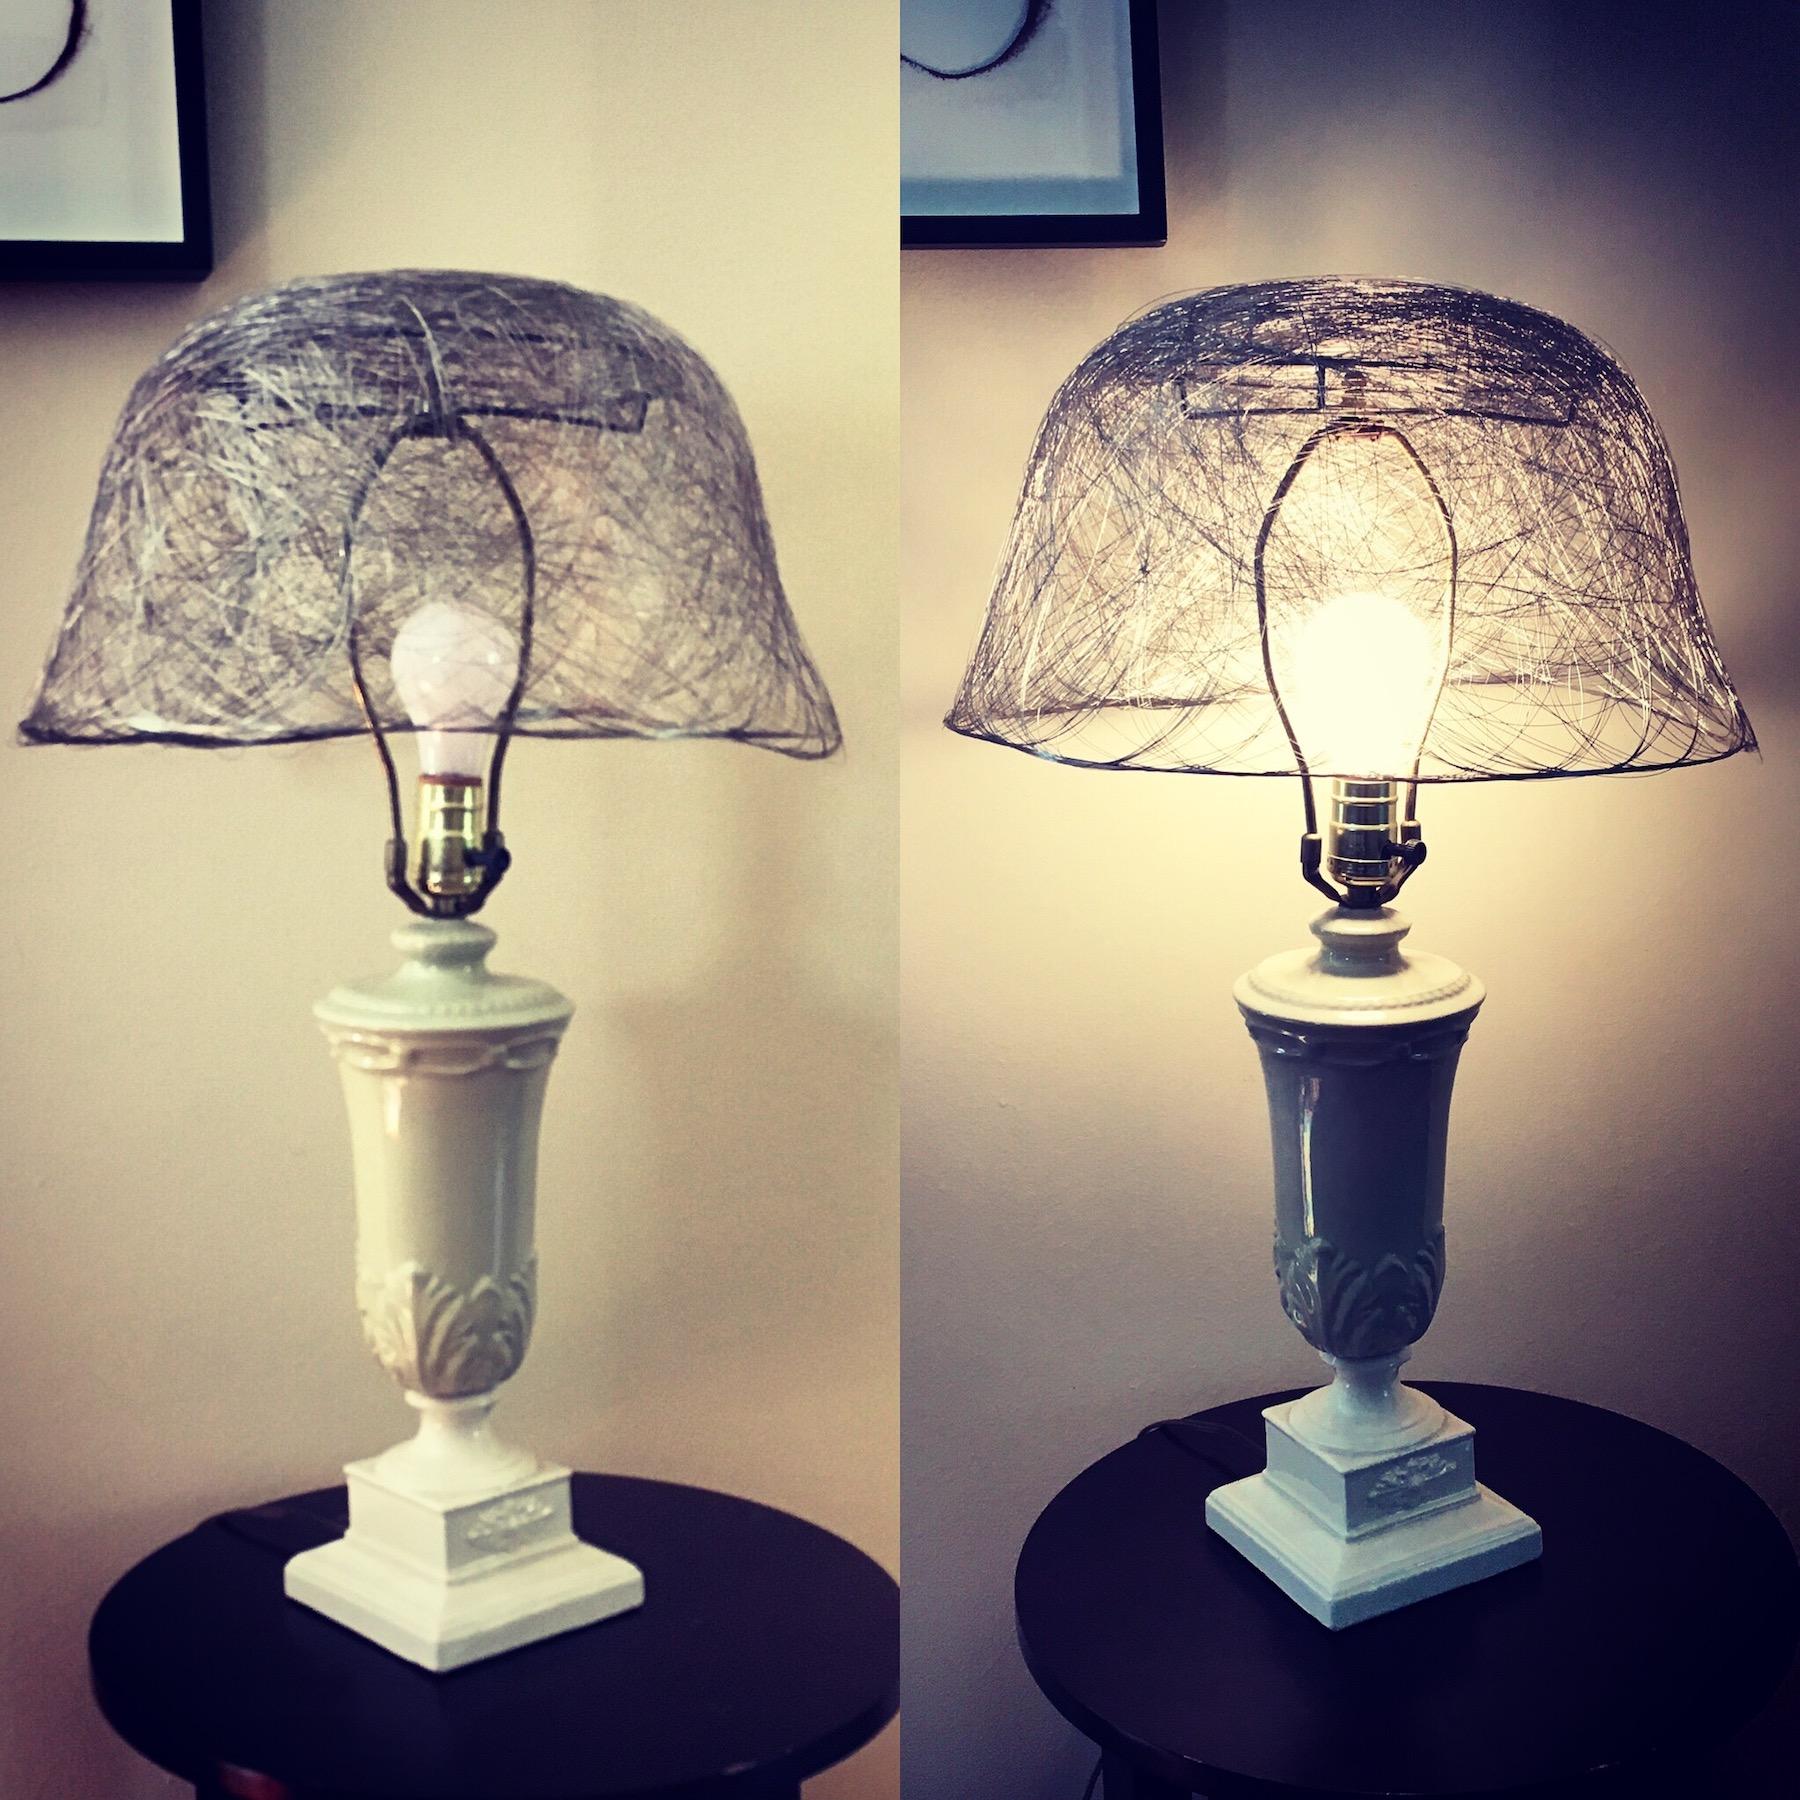 basket-lamp-shade8.jpg